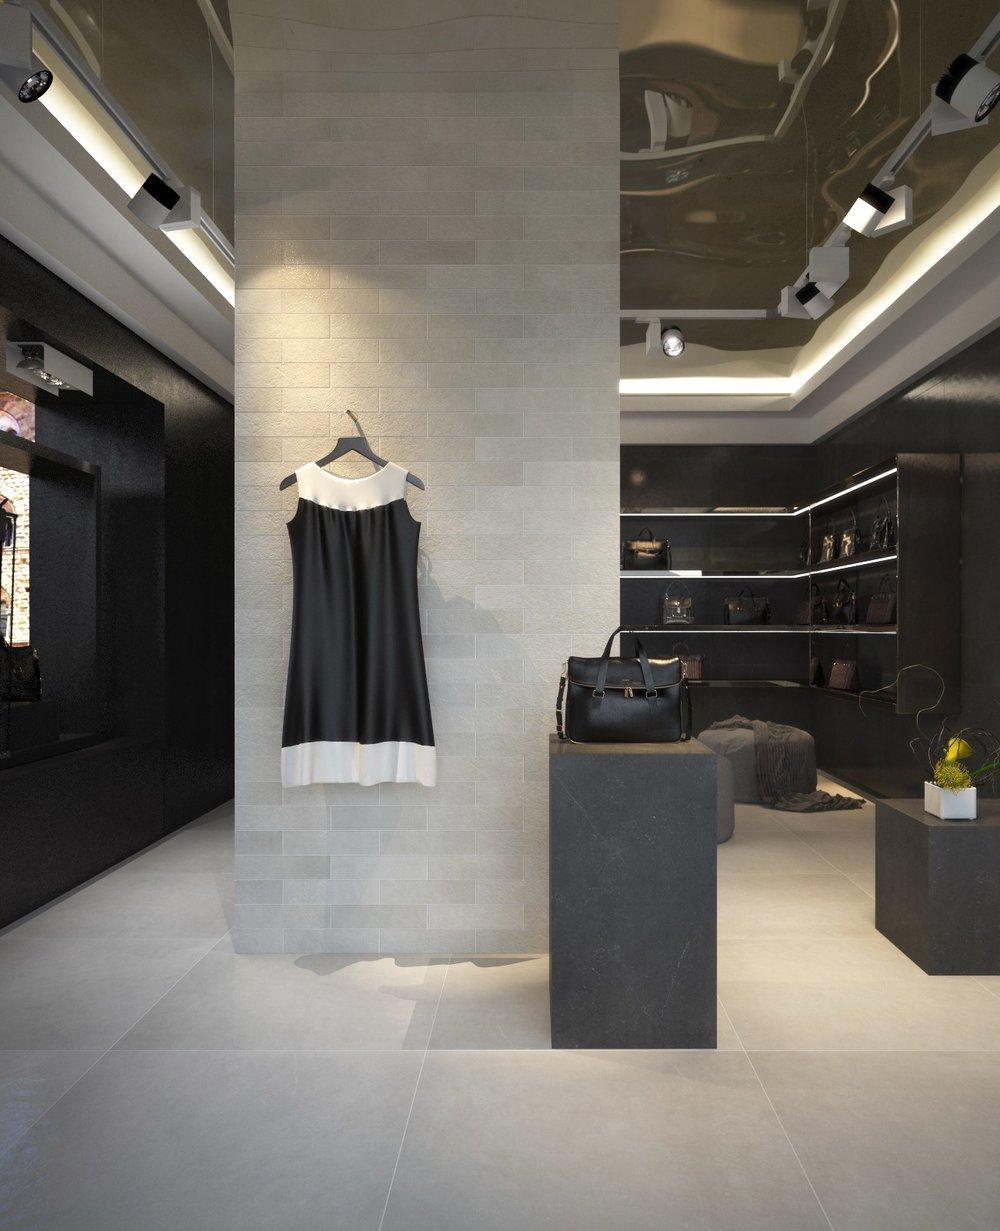 maku-wall-floor-tiles-fap-ceramiche-248486-relf461a0b4.jpg